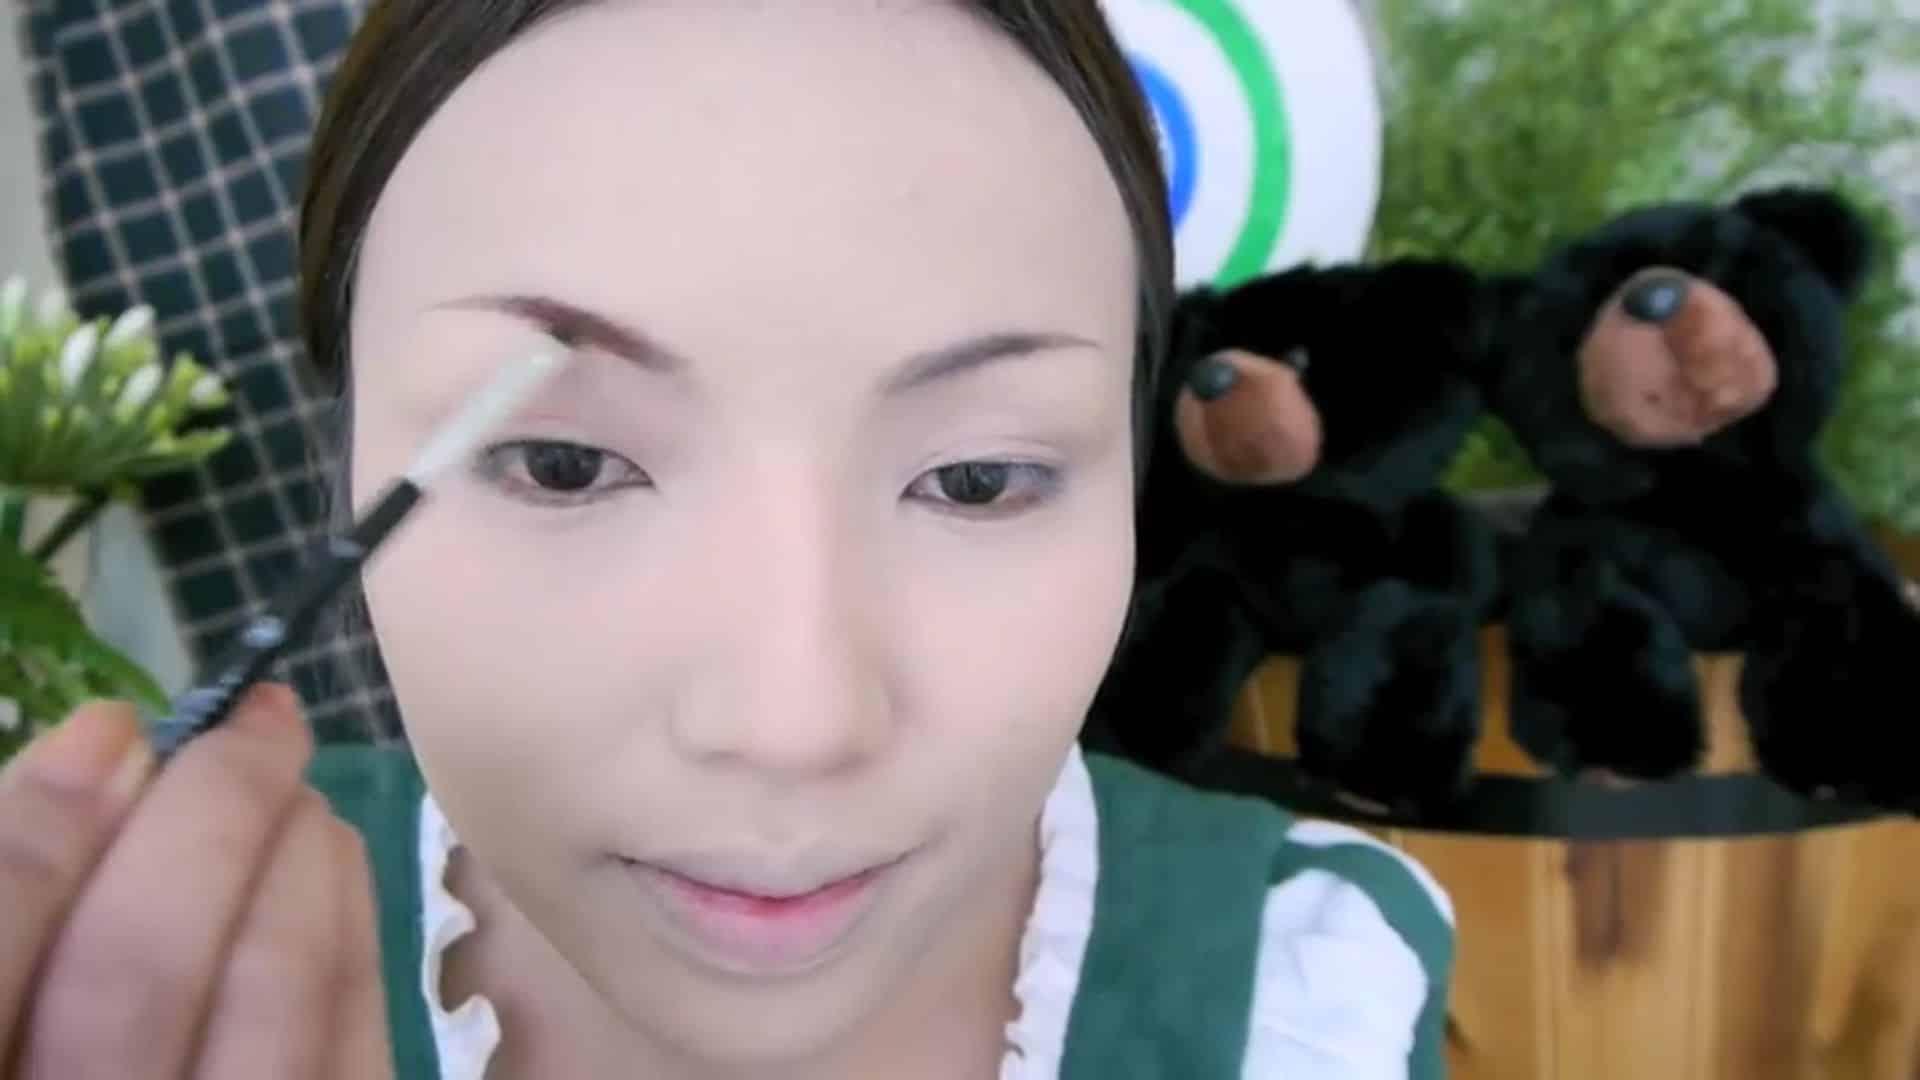 Maquíllate como la valiente Mérida dope2111 2020, maquillaje de cejas.